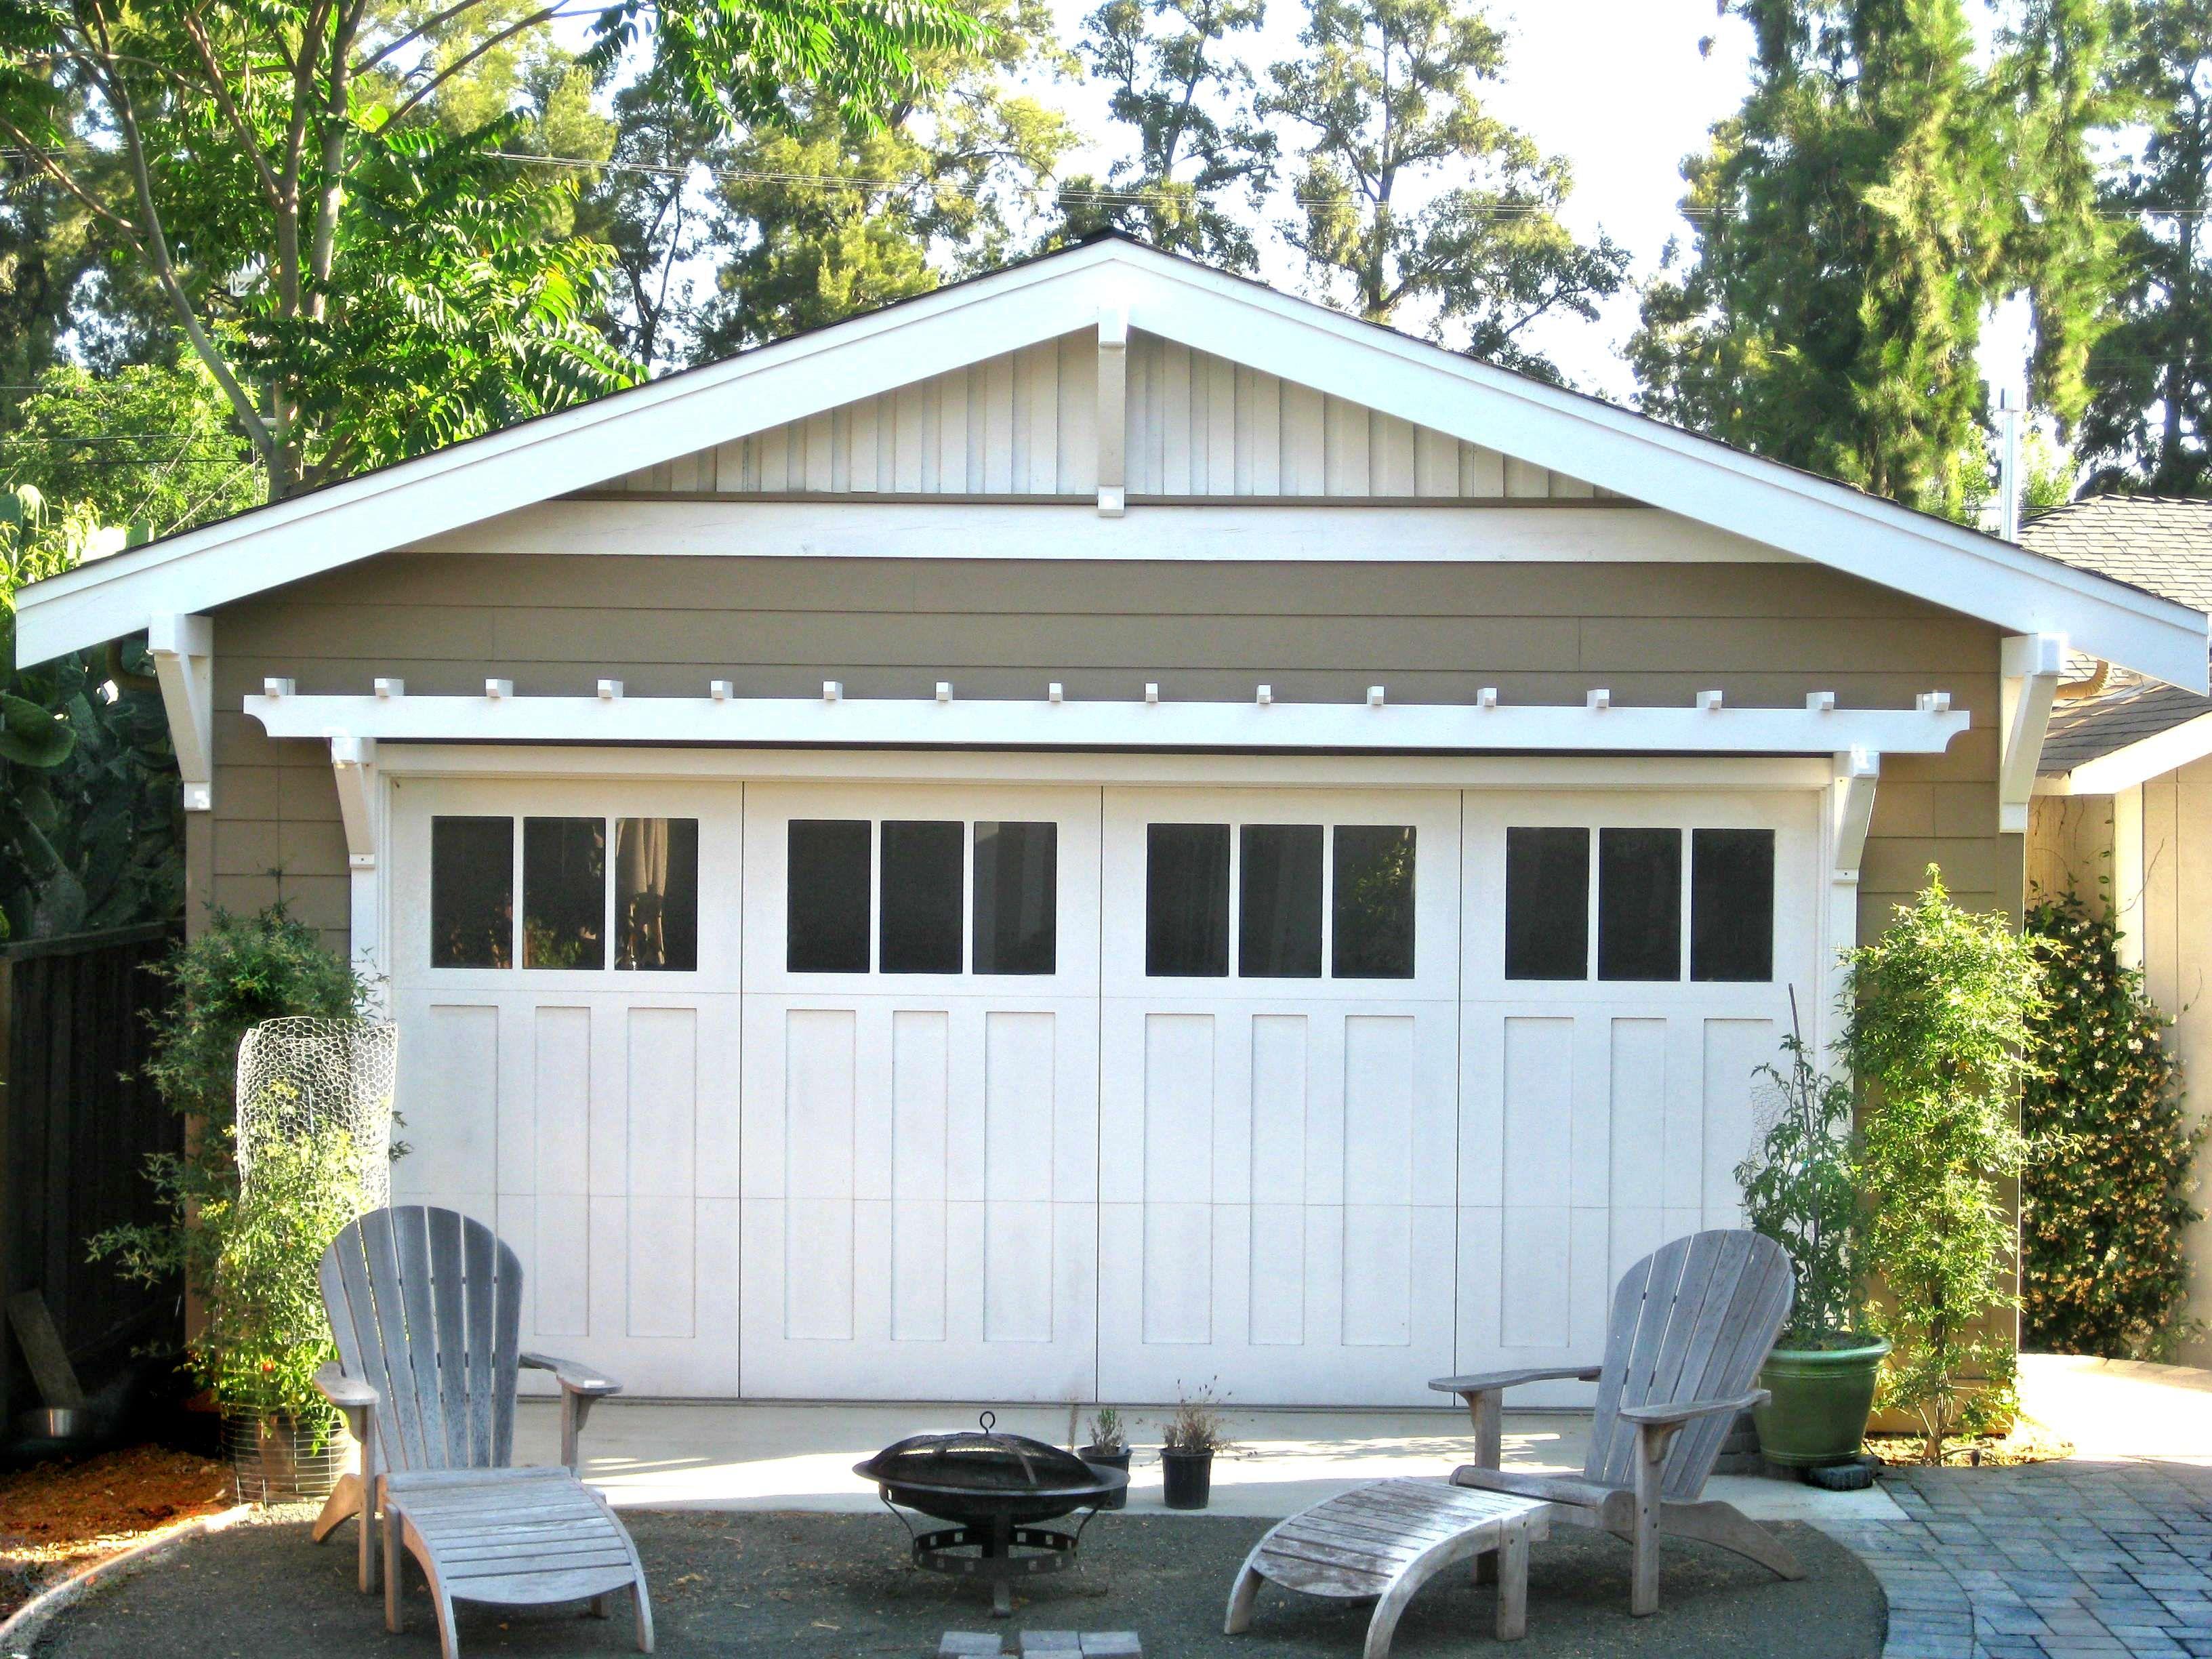 detached garage plan hwbdo13620 house plan from